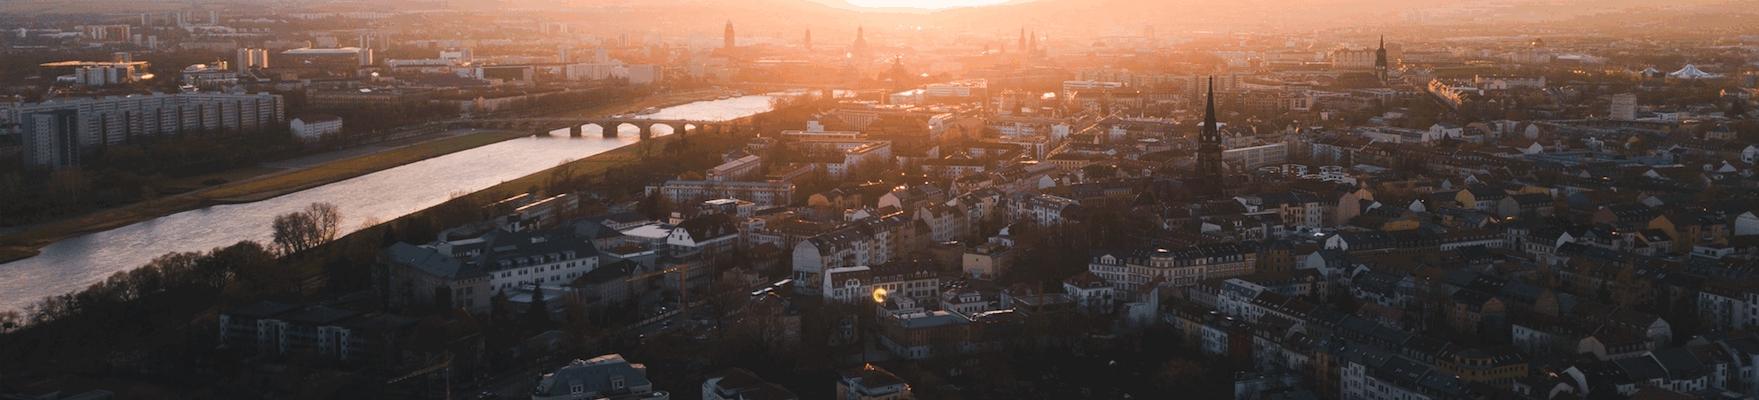 Lustige Stadtrundfahrt in sächischer Mundart Dresden  10.11.